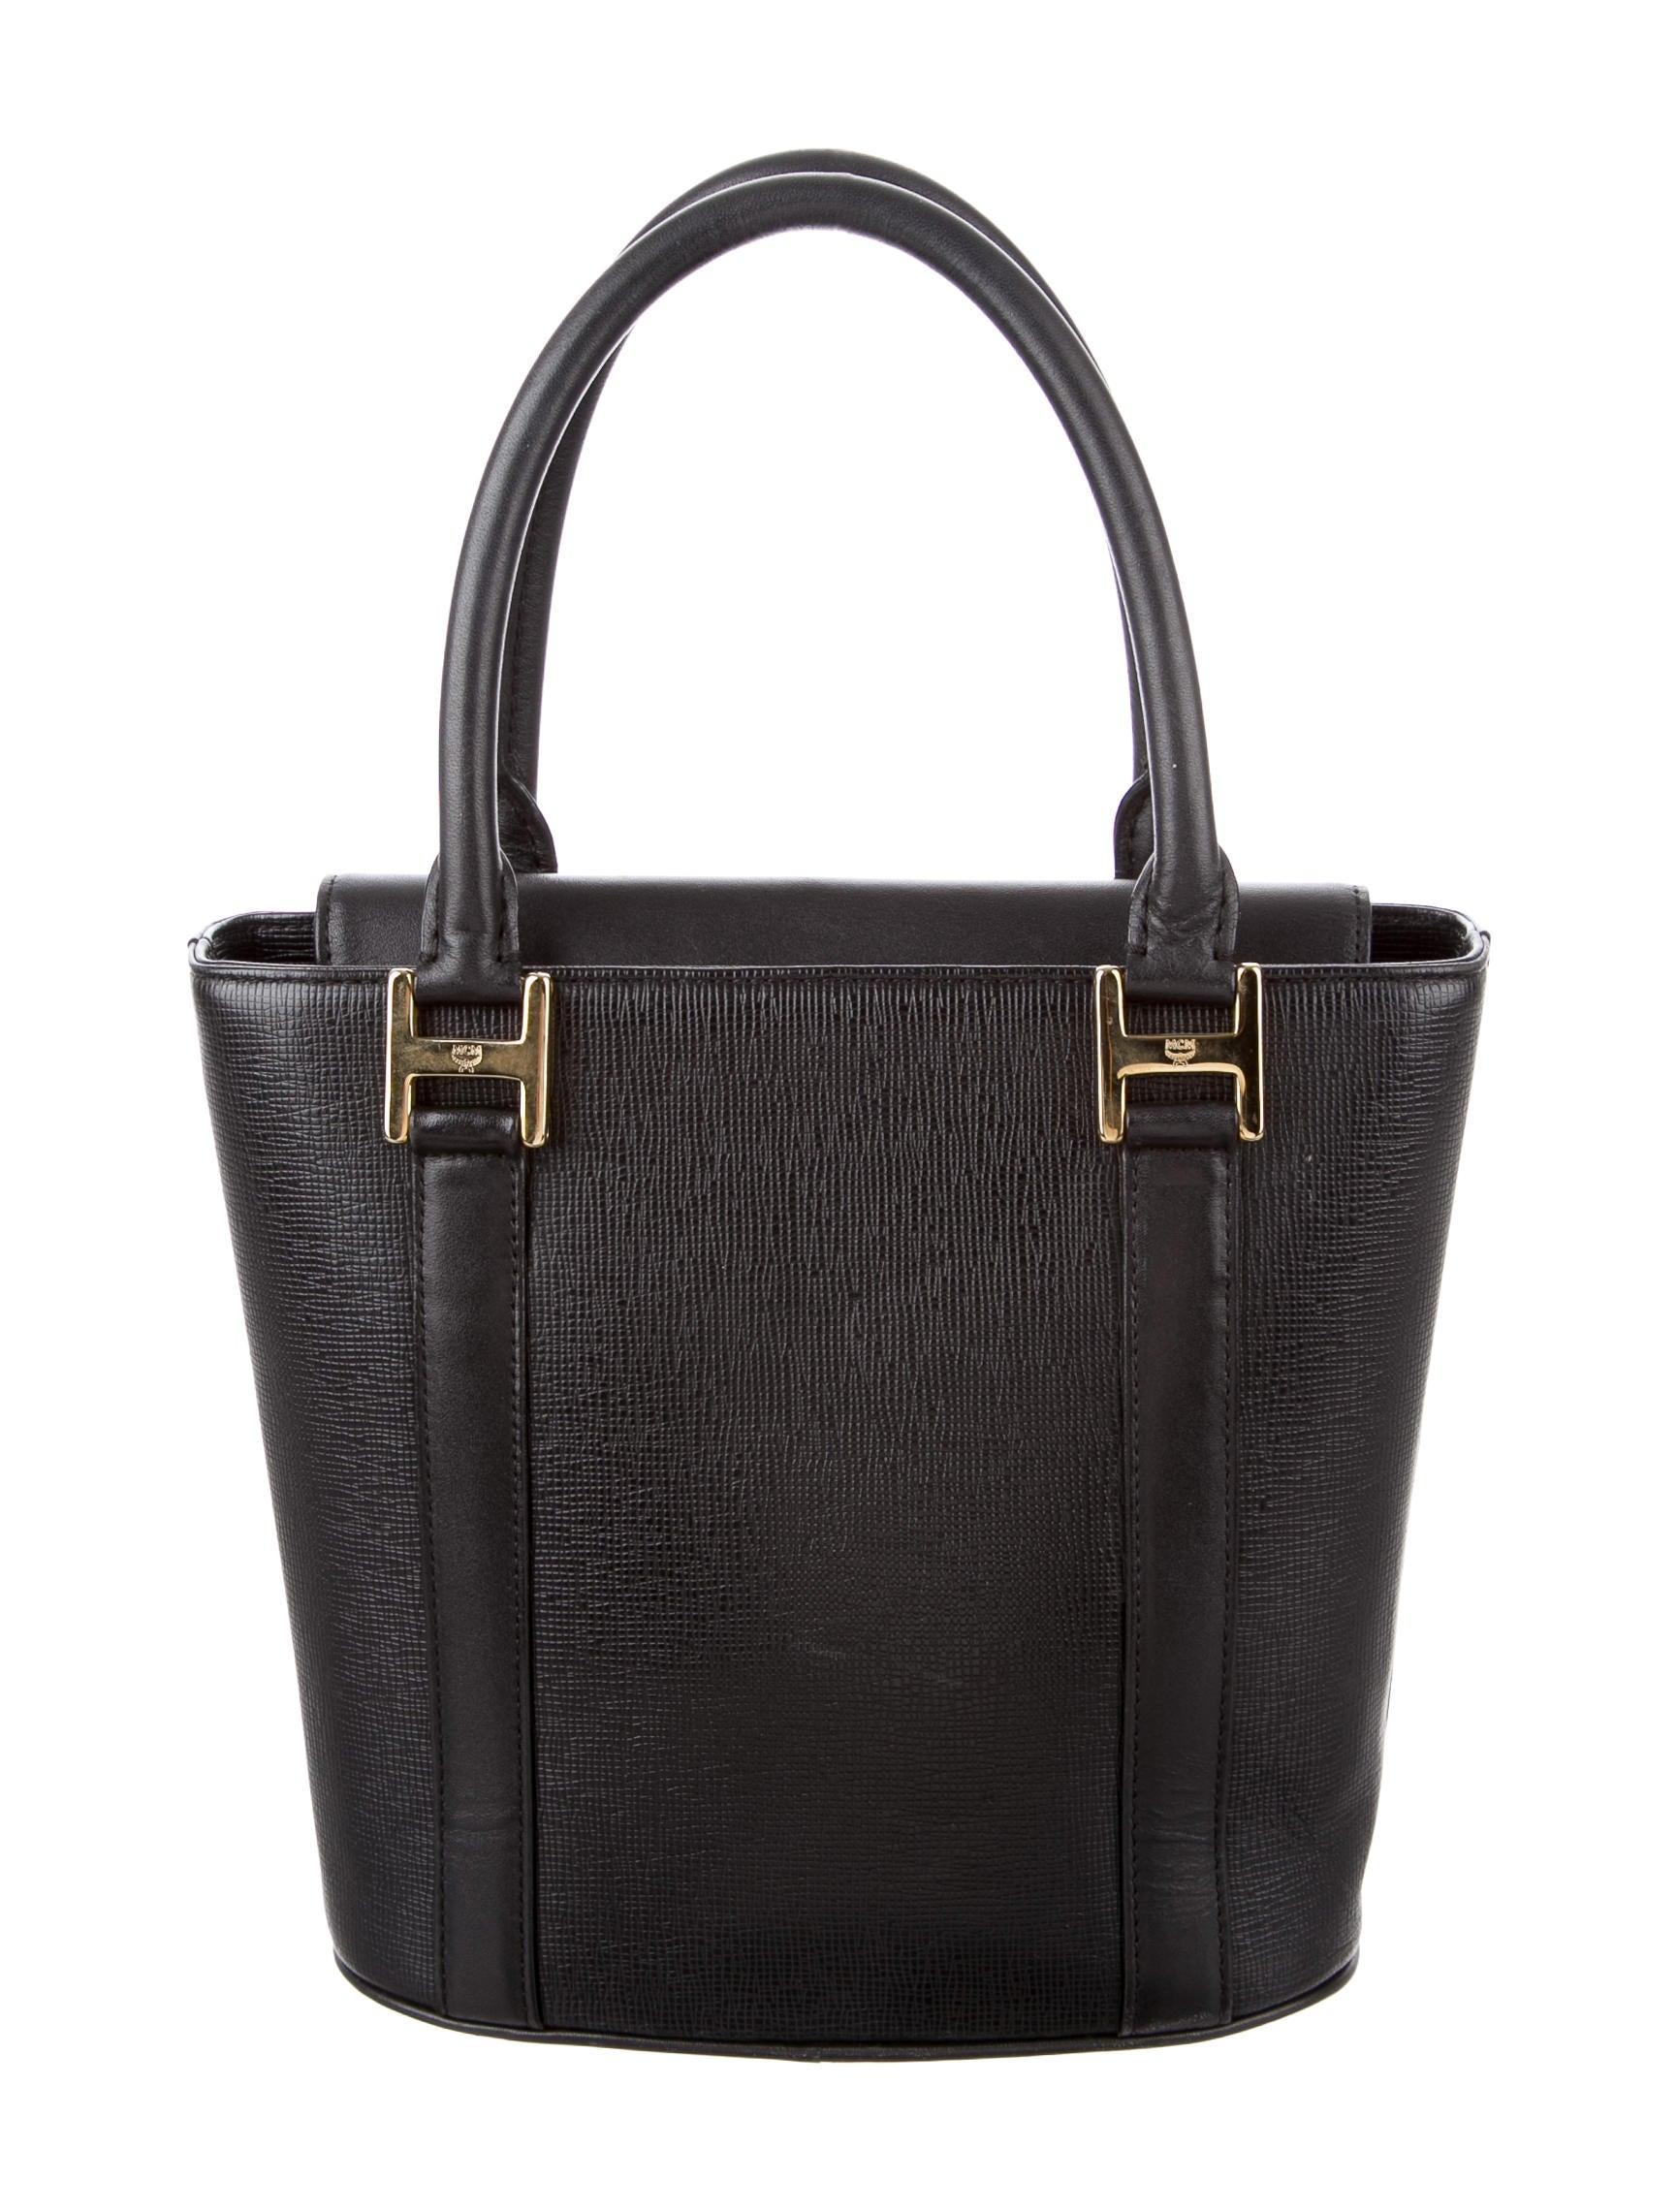 Mcm Leather Handle Bag Handbags W3021192 The Realreal